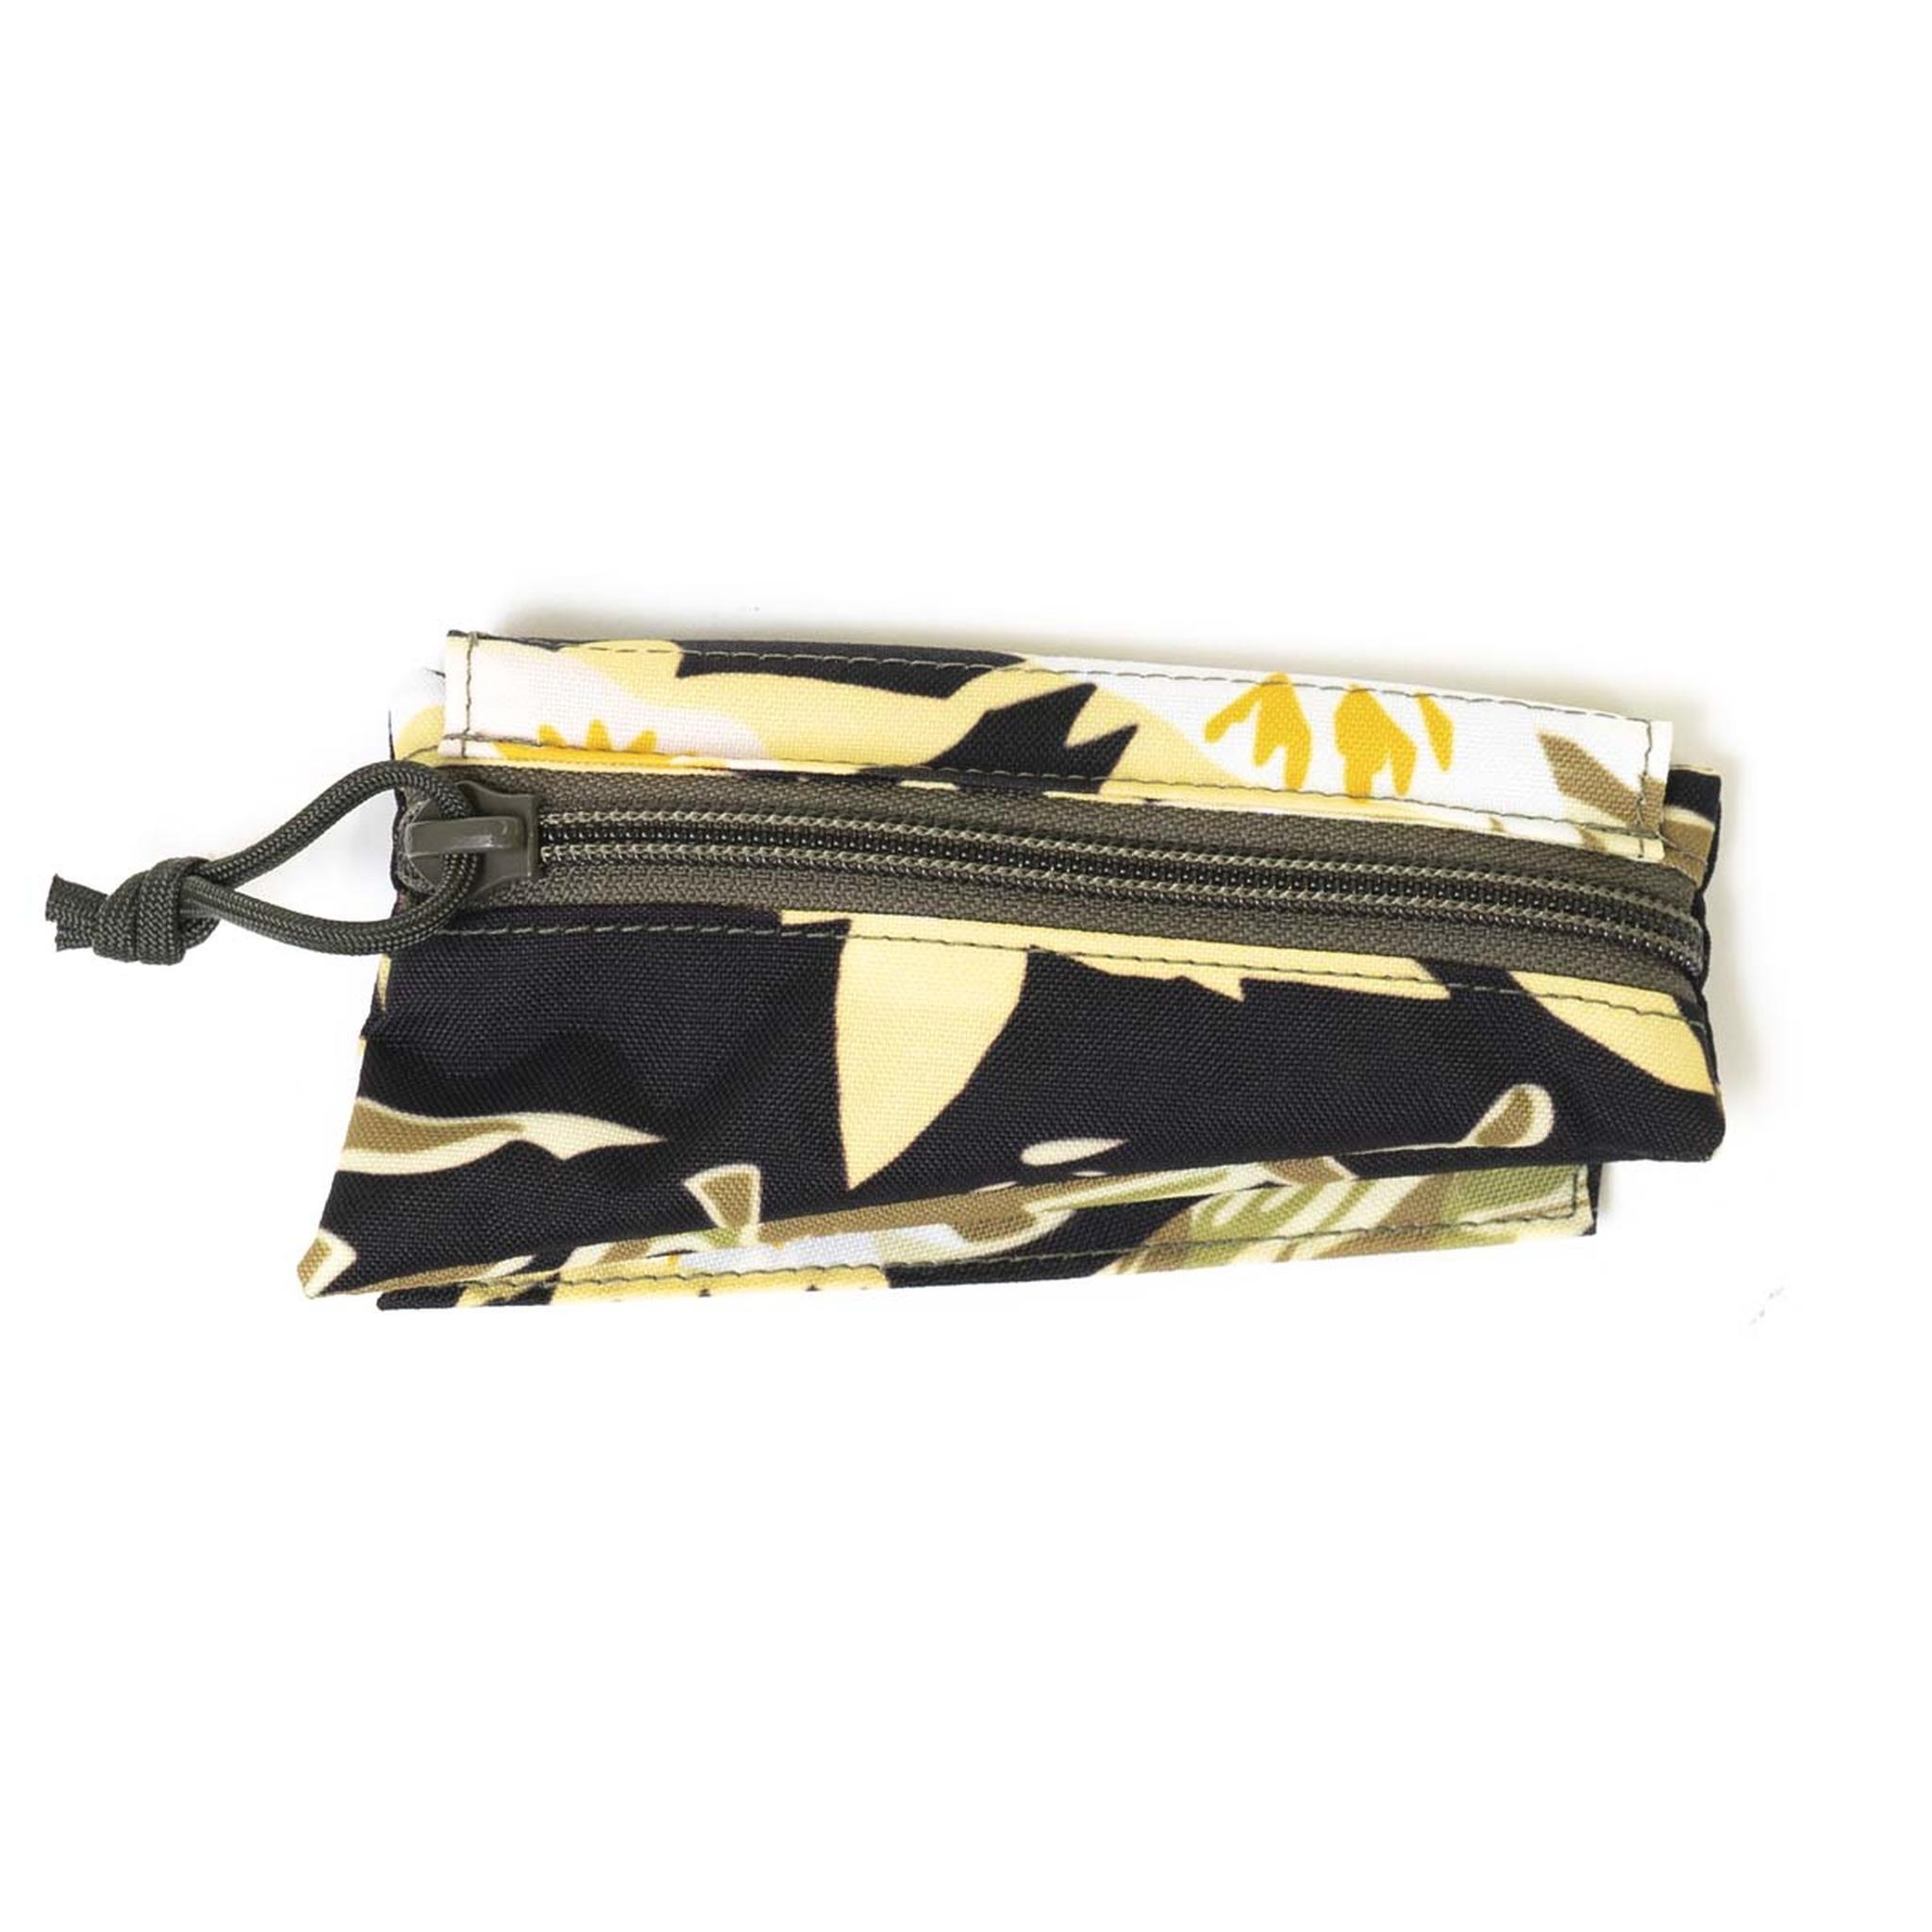 rifle dynamics aloha now triangle stock pouches otte gear ak-47 ak47